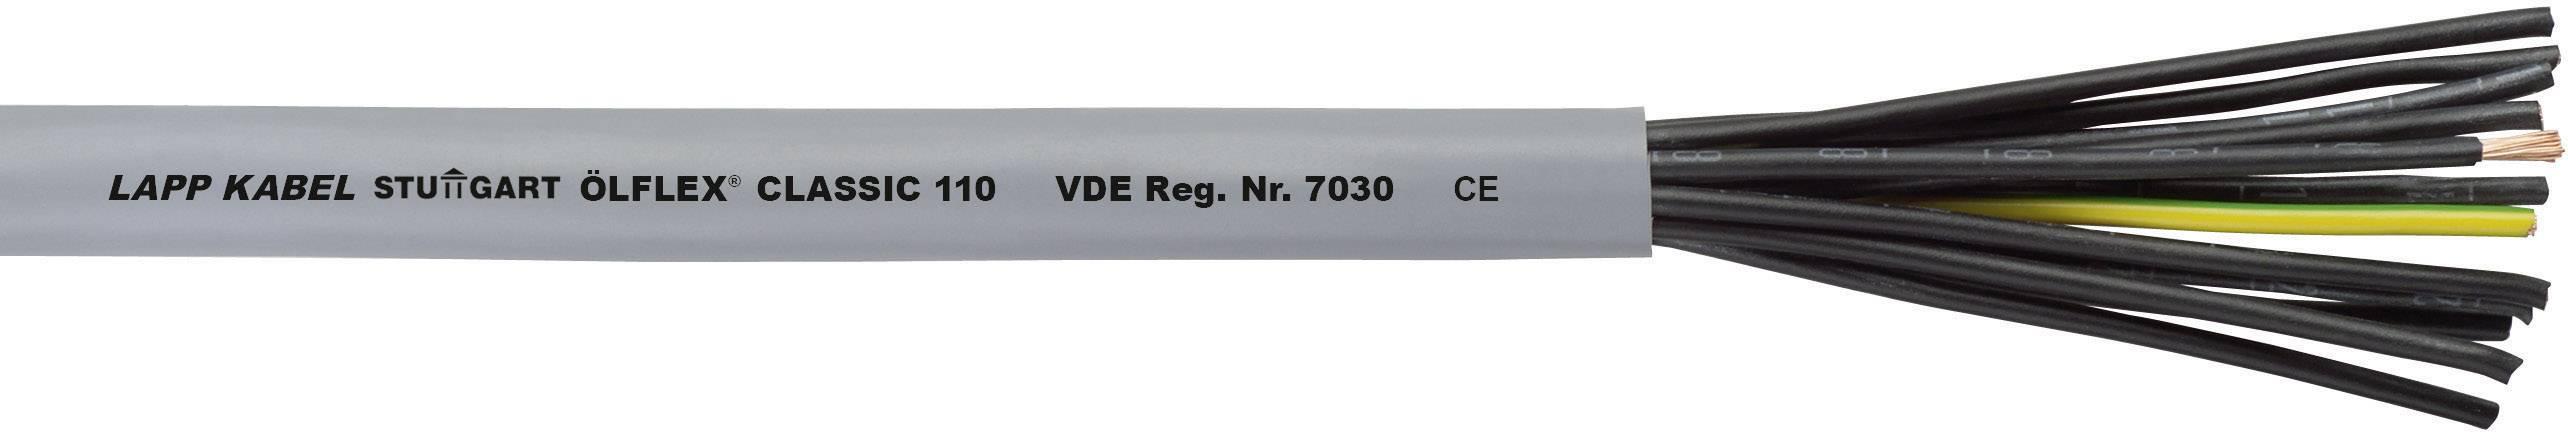 Riadiaci kábel LAPP ÖLFLEX® CLASSIC 110 1119812, 12 x 0.75 mm², vonkajší Ø 9.90 mm, 500 V, metrový tovar, sivá